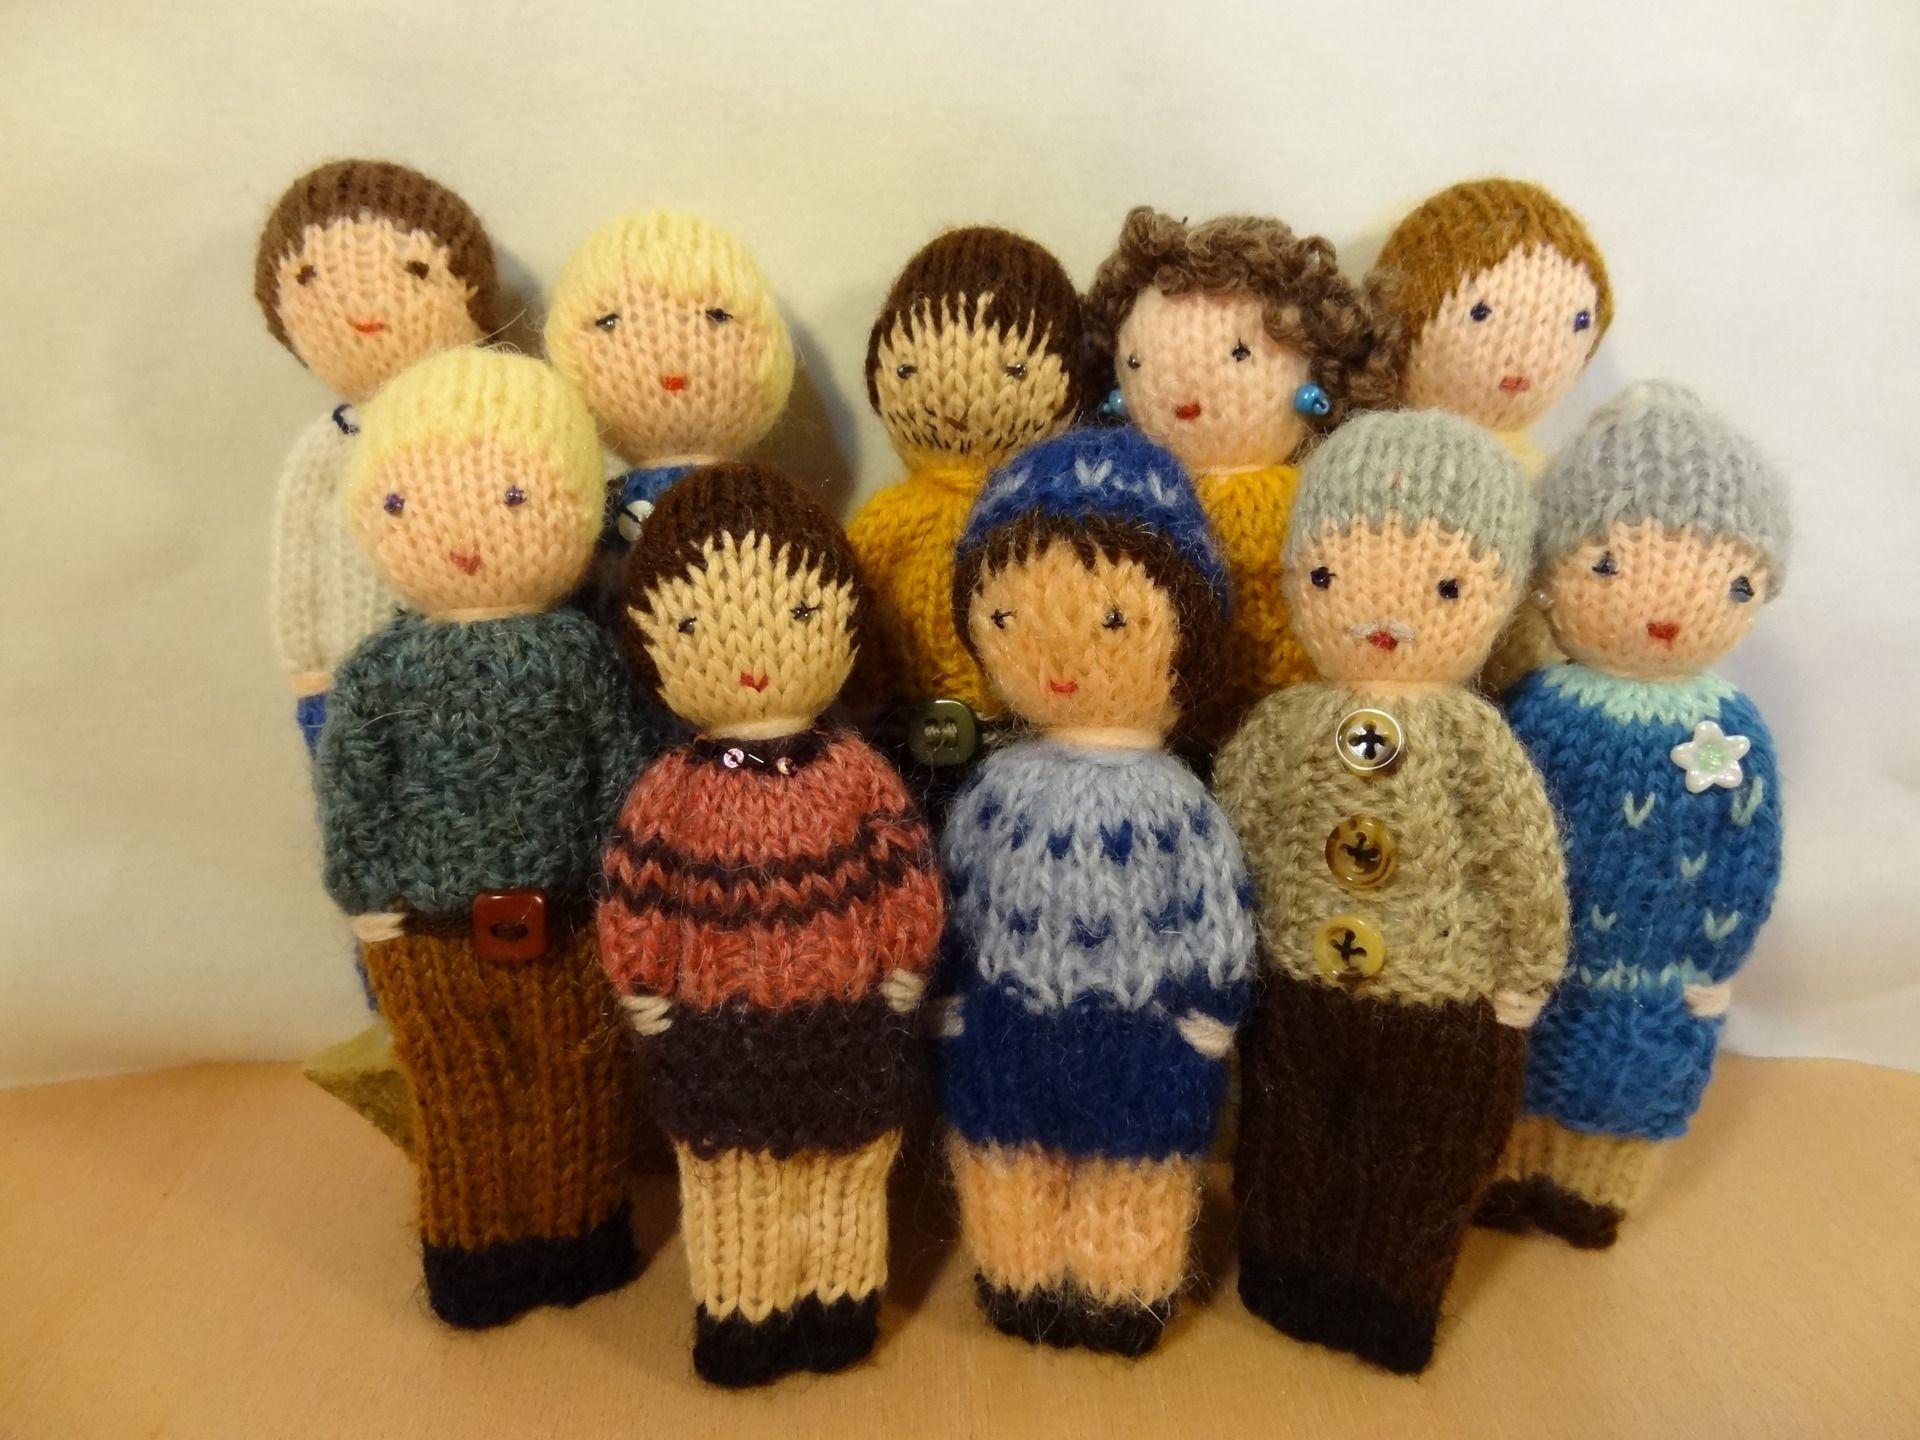 jouet traditonnel lot de 2 petites poup es tricot es en laine les adultes jeux jouets par. Black Bedroom Furniture Sets. Home Design Ideas